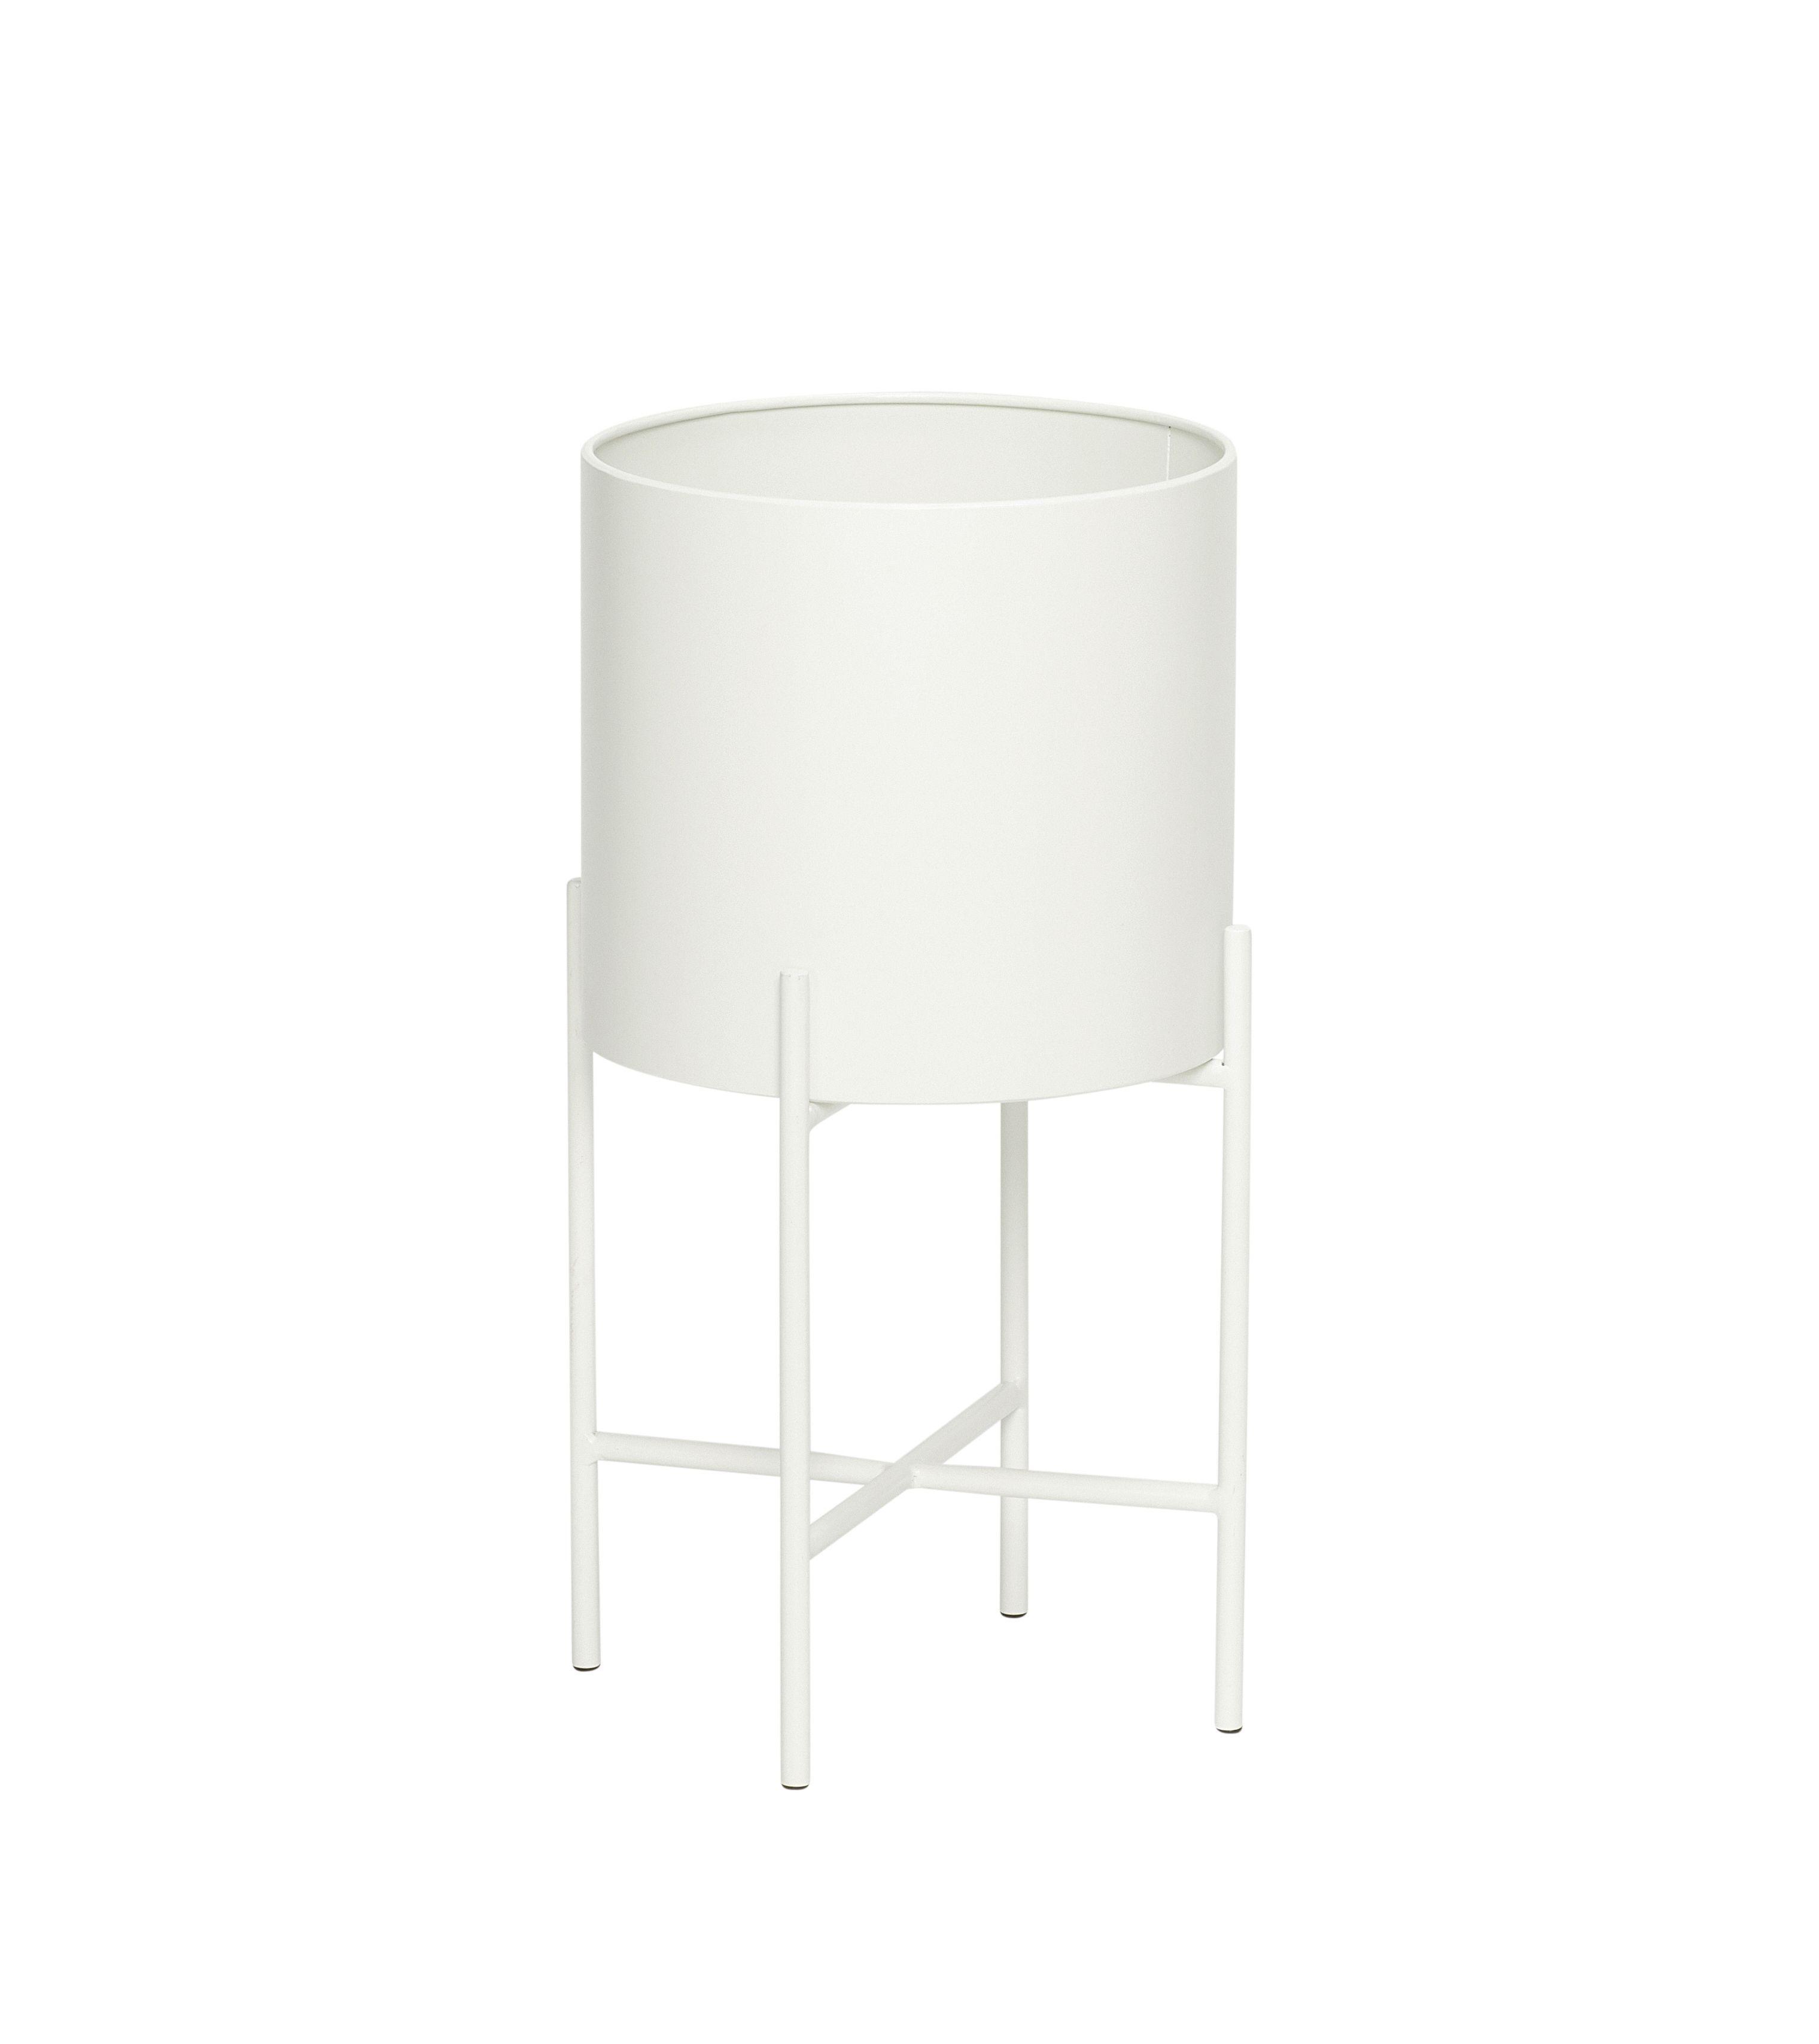 cache pot sur pied s vases pots songes. Black Bedroom Furniture Sets. Home Design Ideas